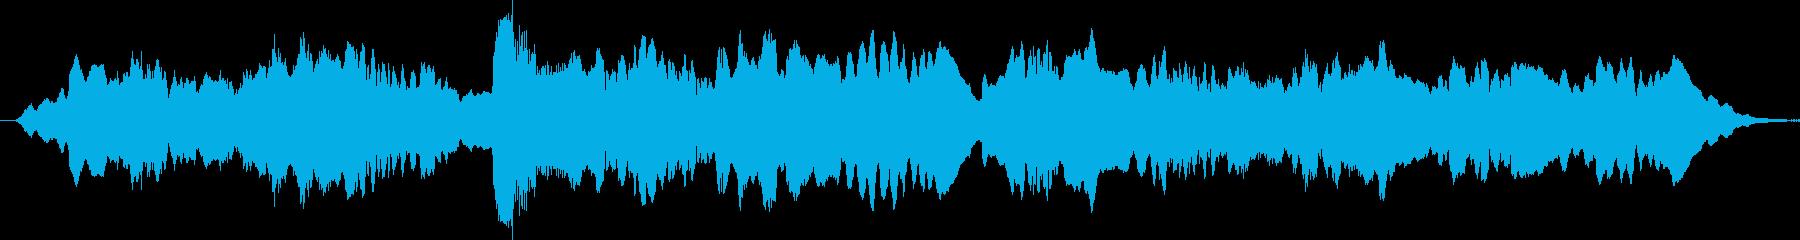 哀愁のあるフルートが印象的なブルースの再生済みの波形